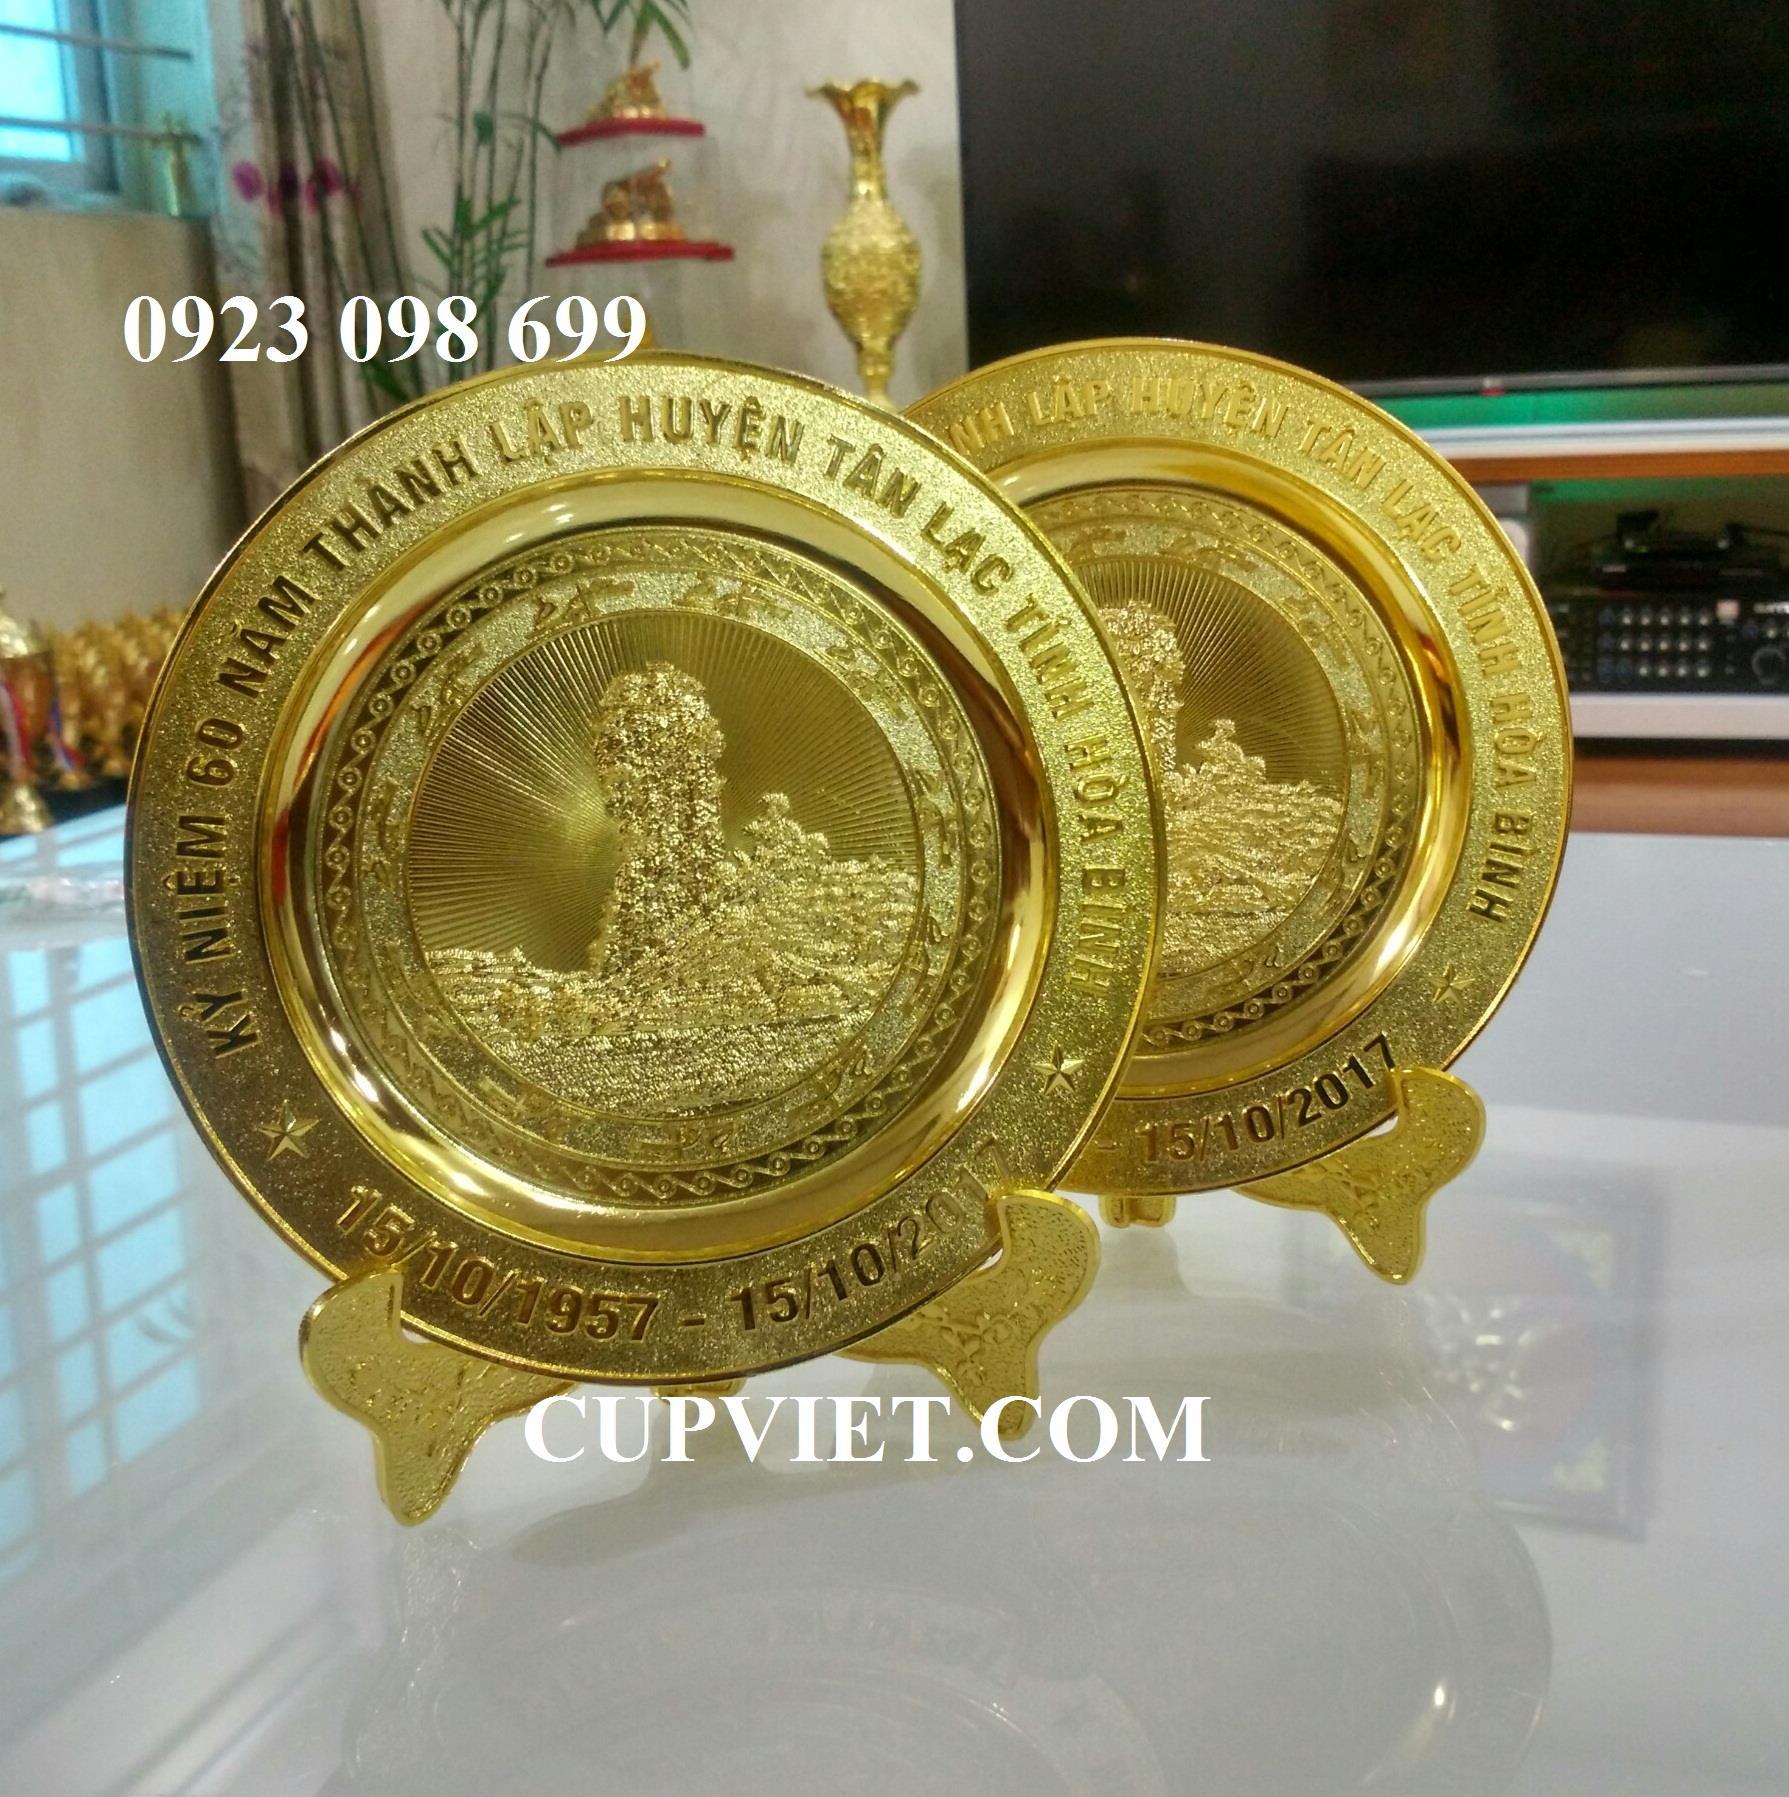 Nhận cung cấp đĩa đồng, bán quà tặng sự kiện, quà tặng doanh nhân,  biểu trưng đồng đúc